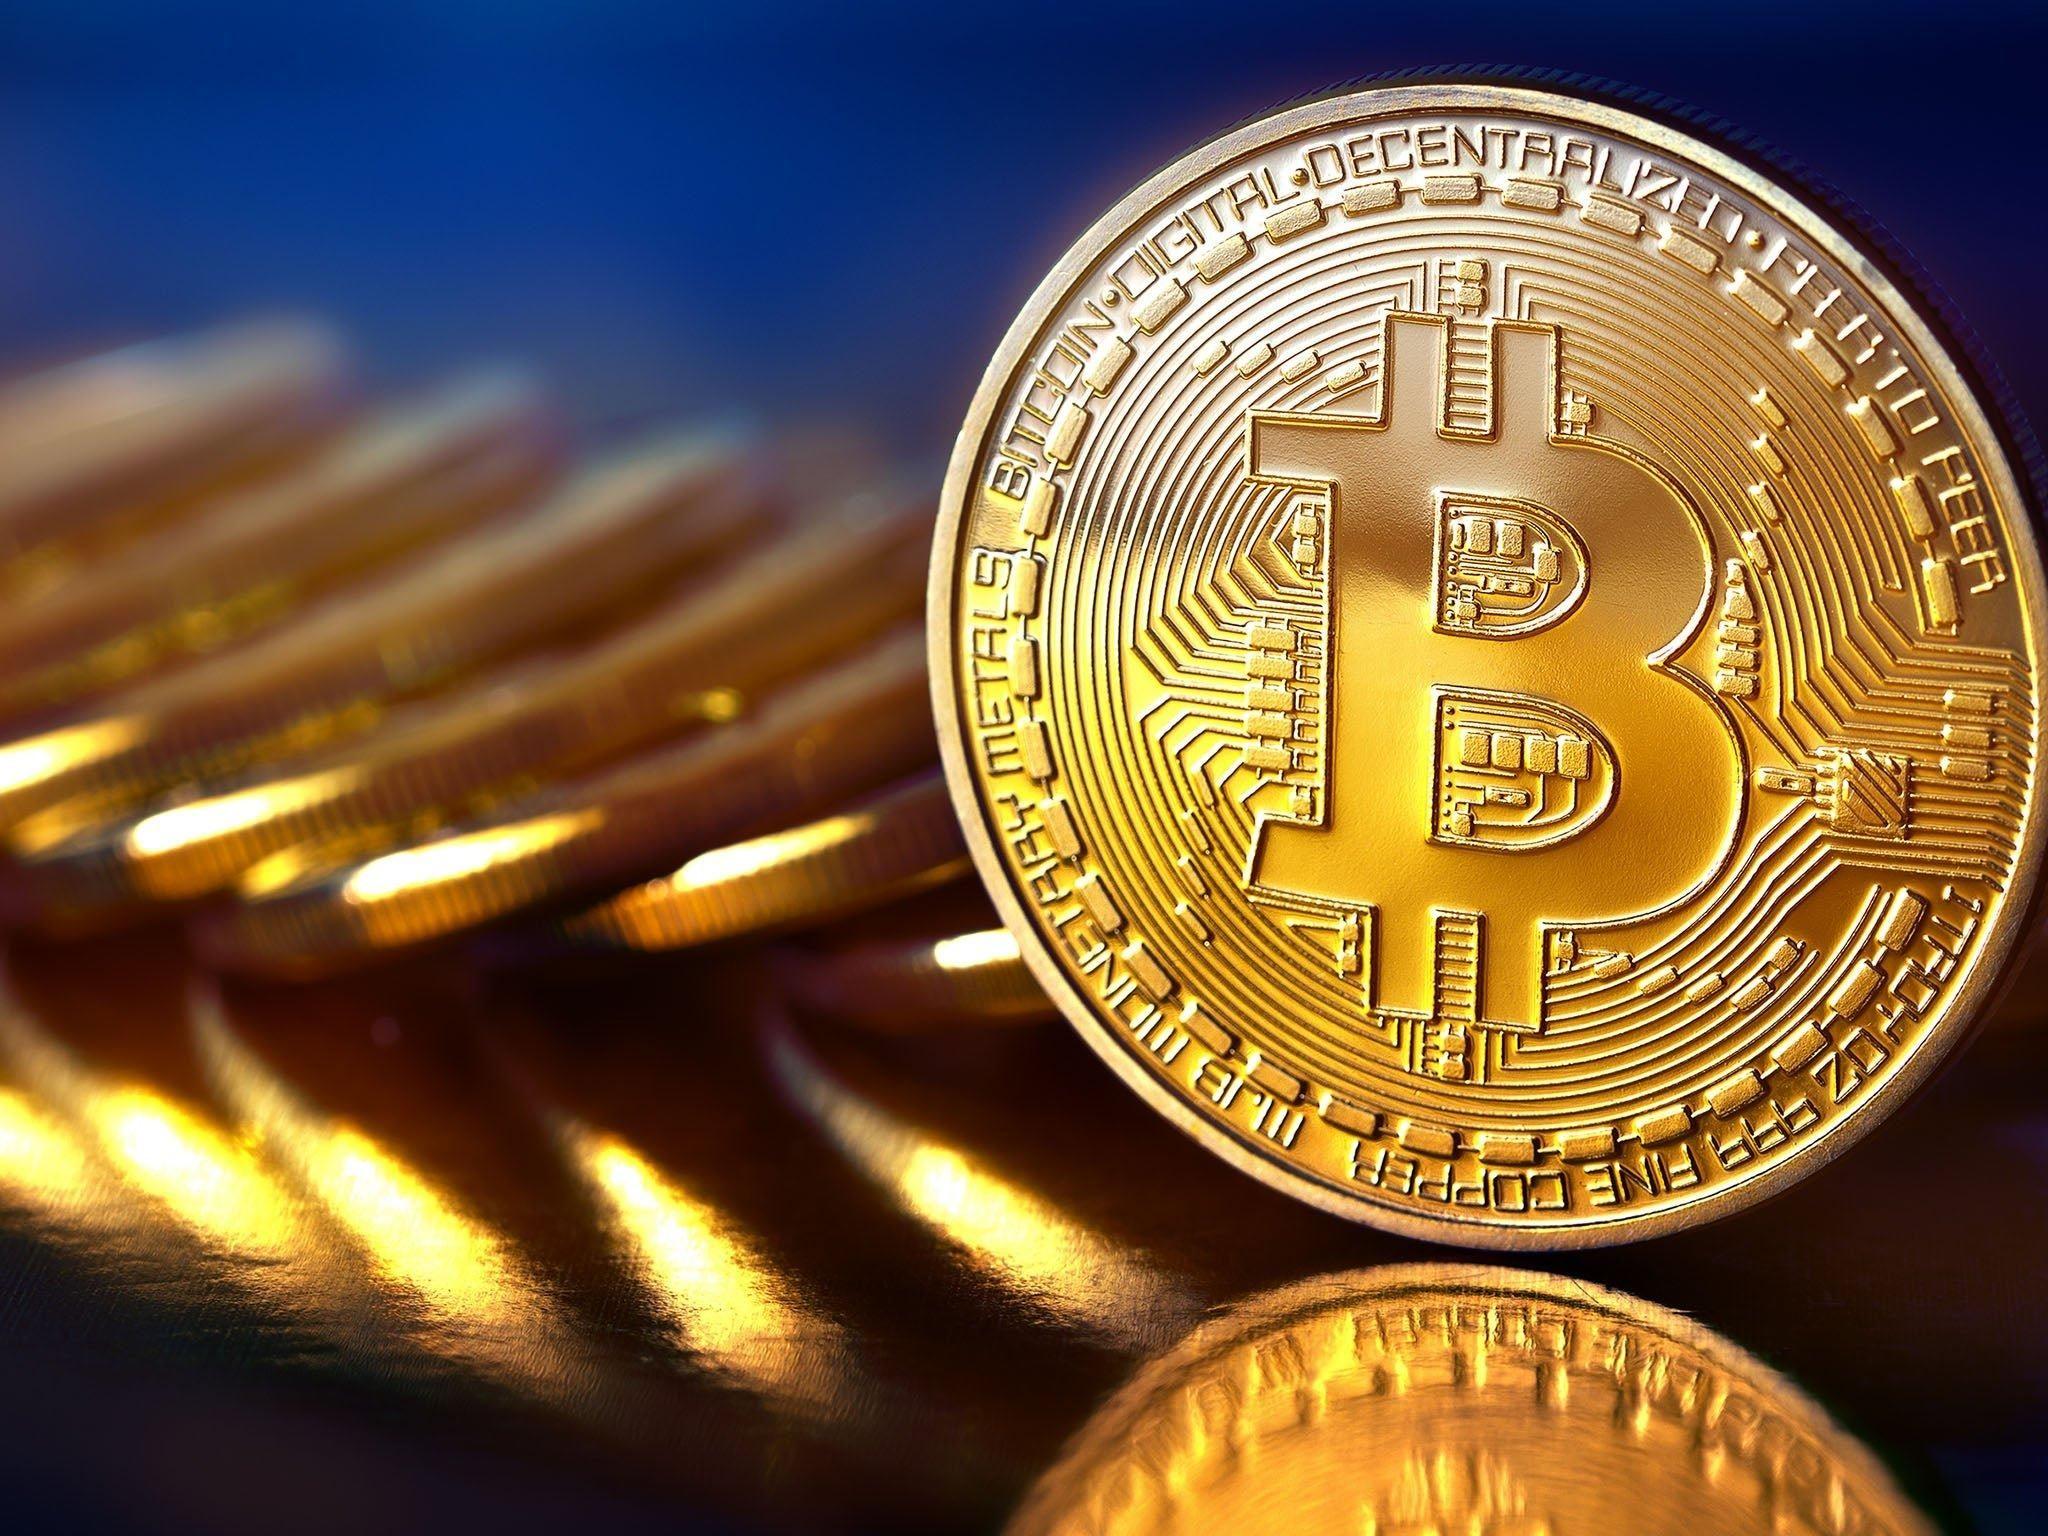 Bitcoin Anonym Auszahlen